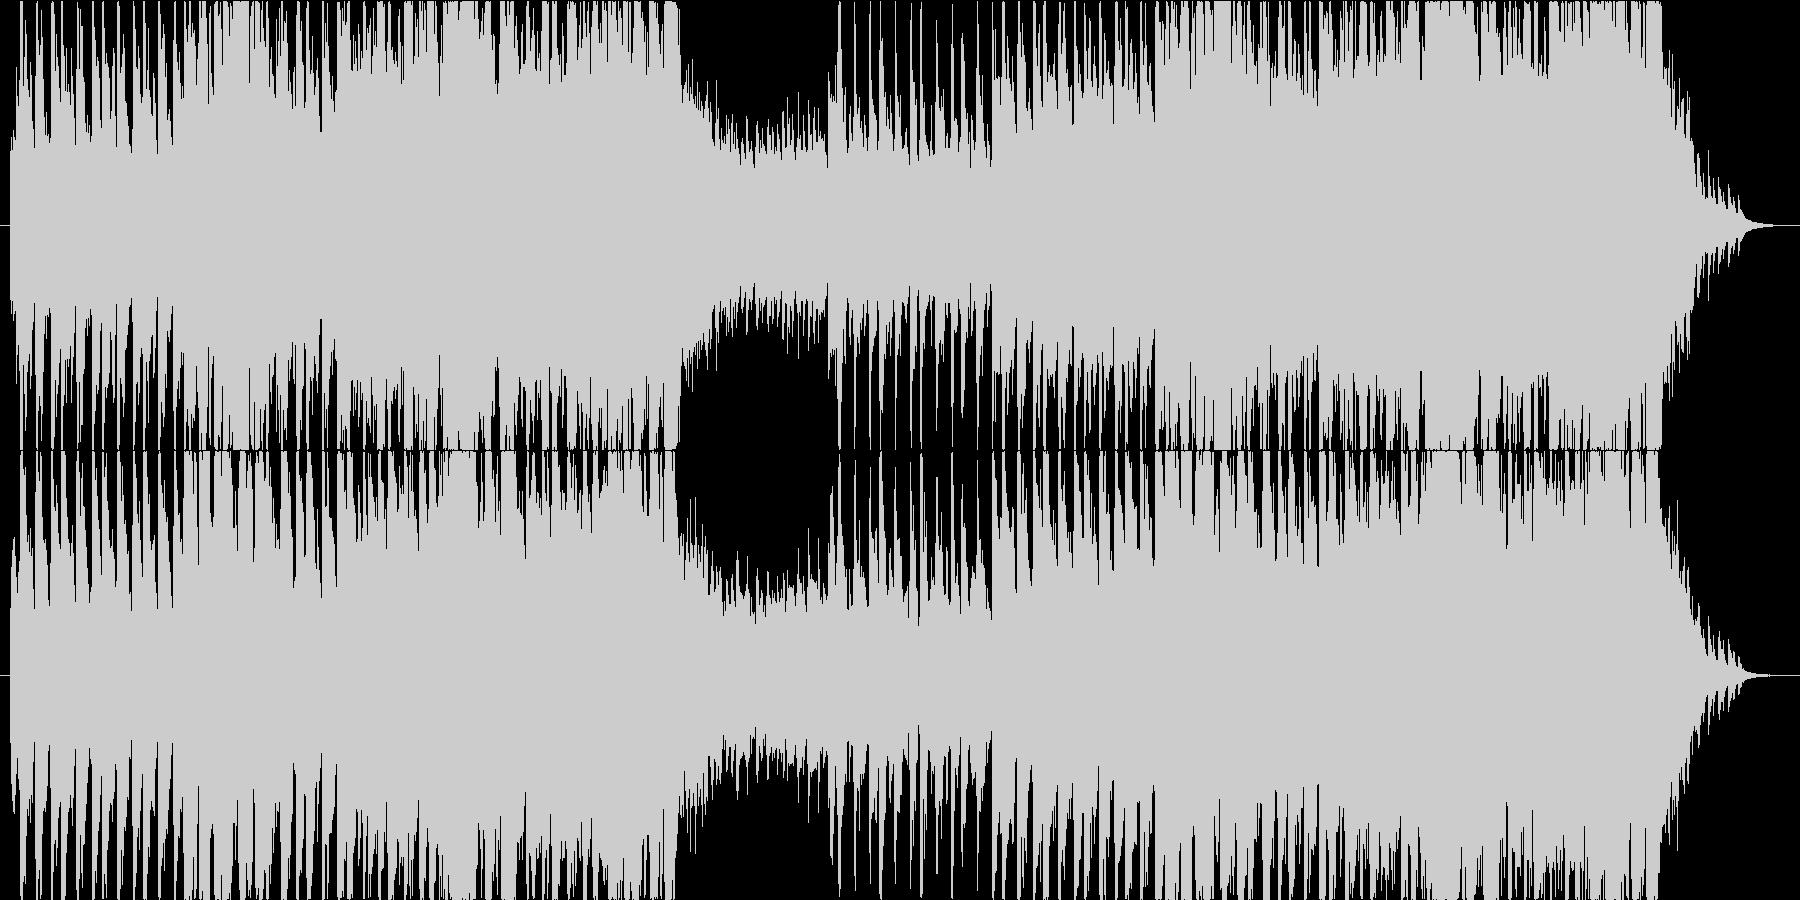 ティーン 代替案 ポップ クラシッ...の未再生の波形